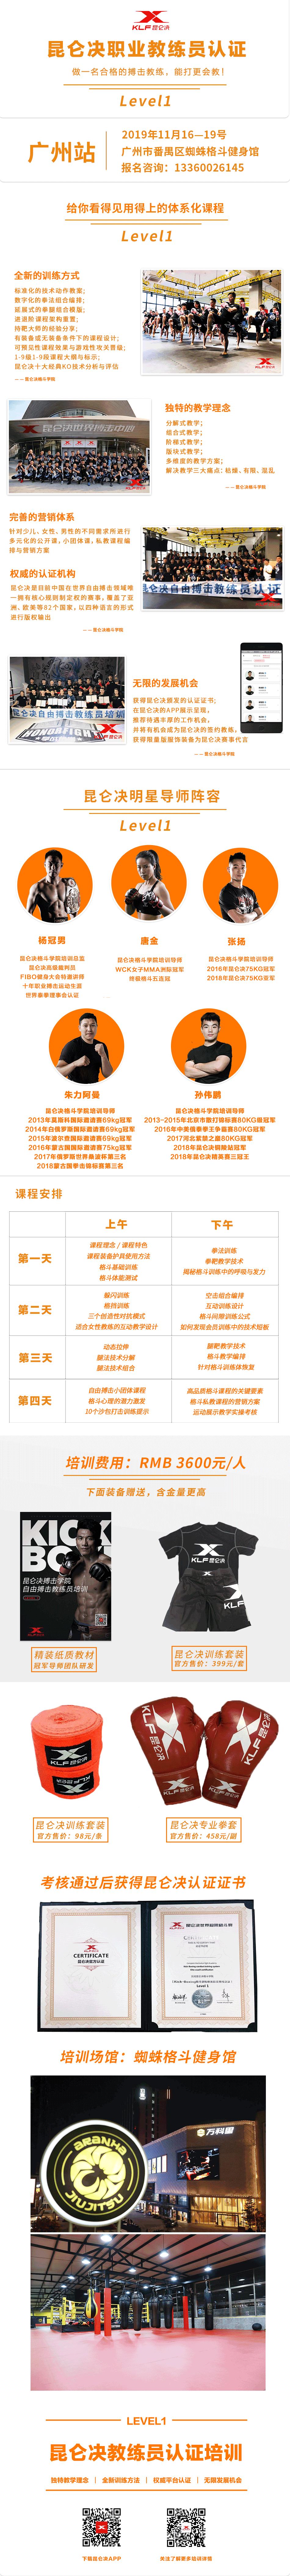 广州12.png